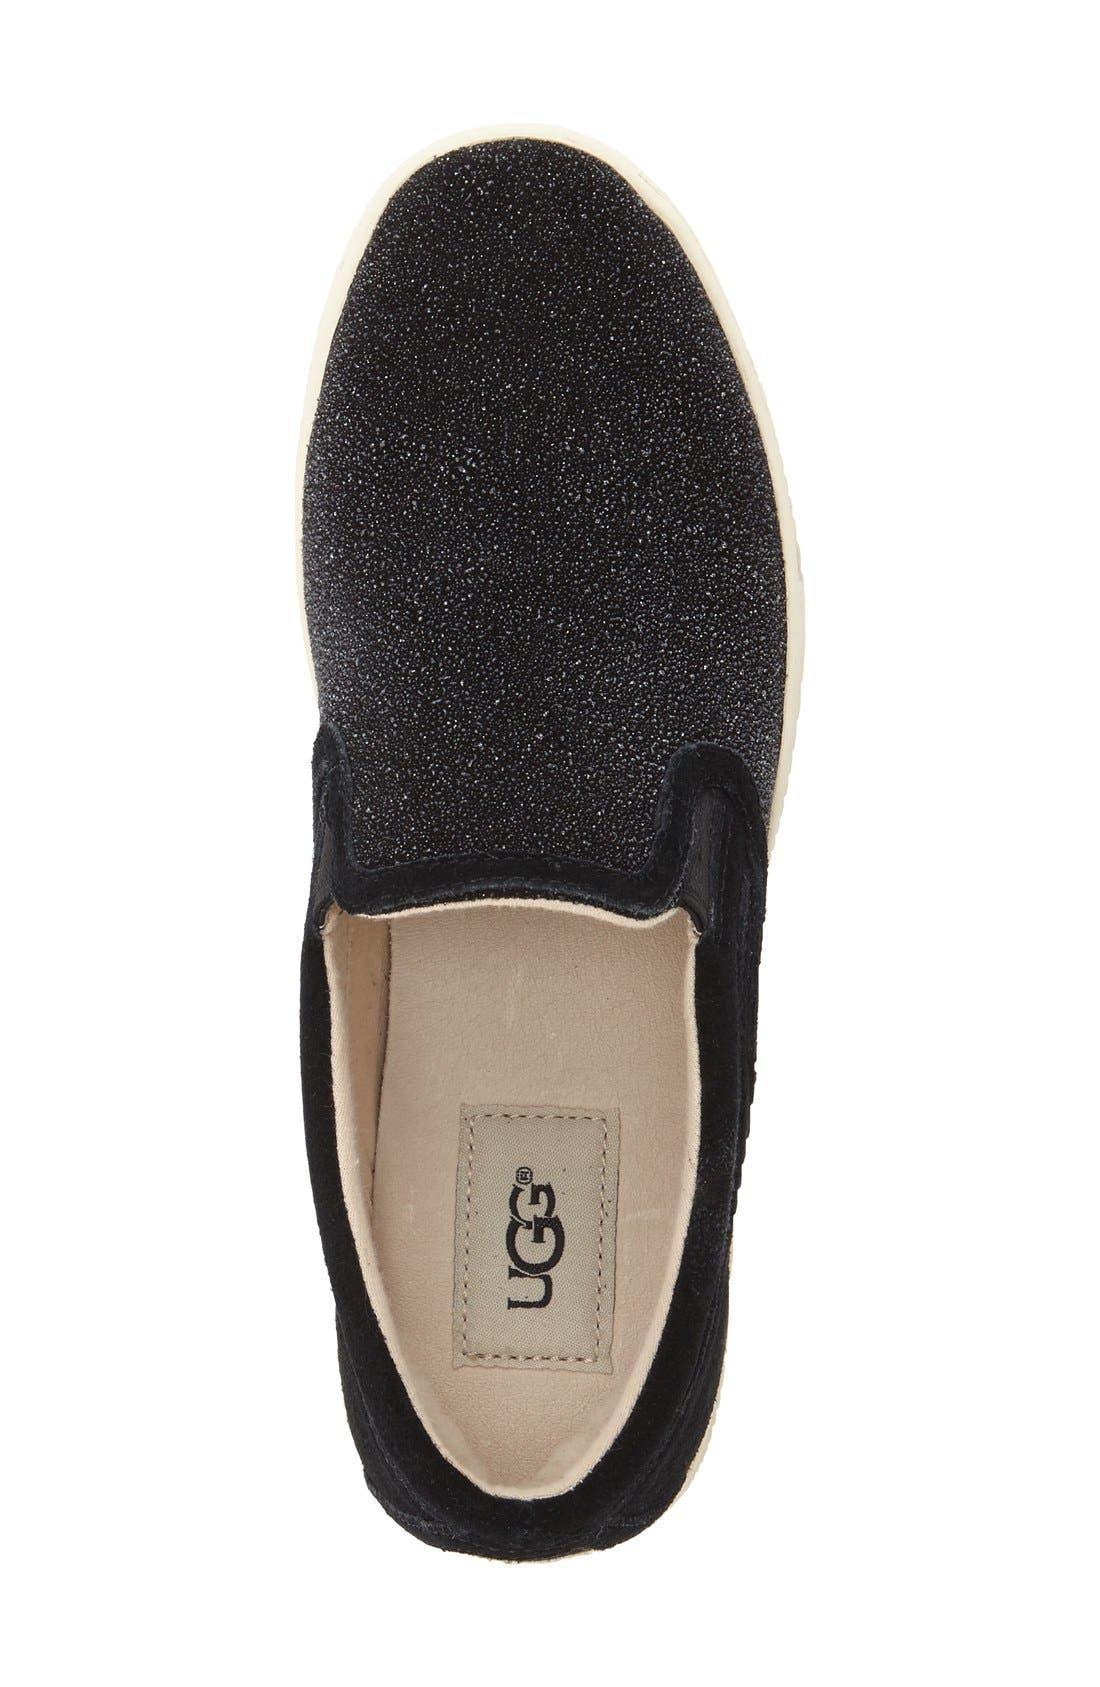 Fierce Slip-On Sneaker,                             Alternate thumbnail 3, color,                             Black Fabric